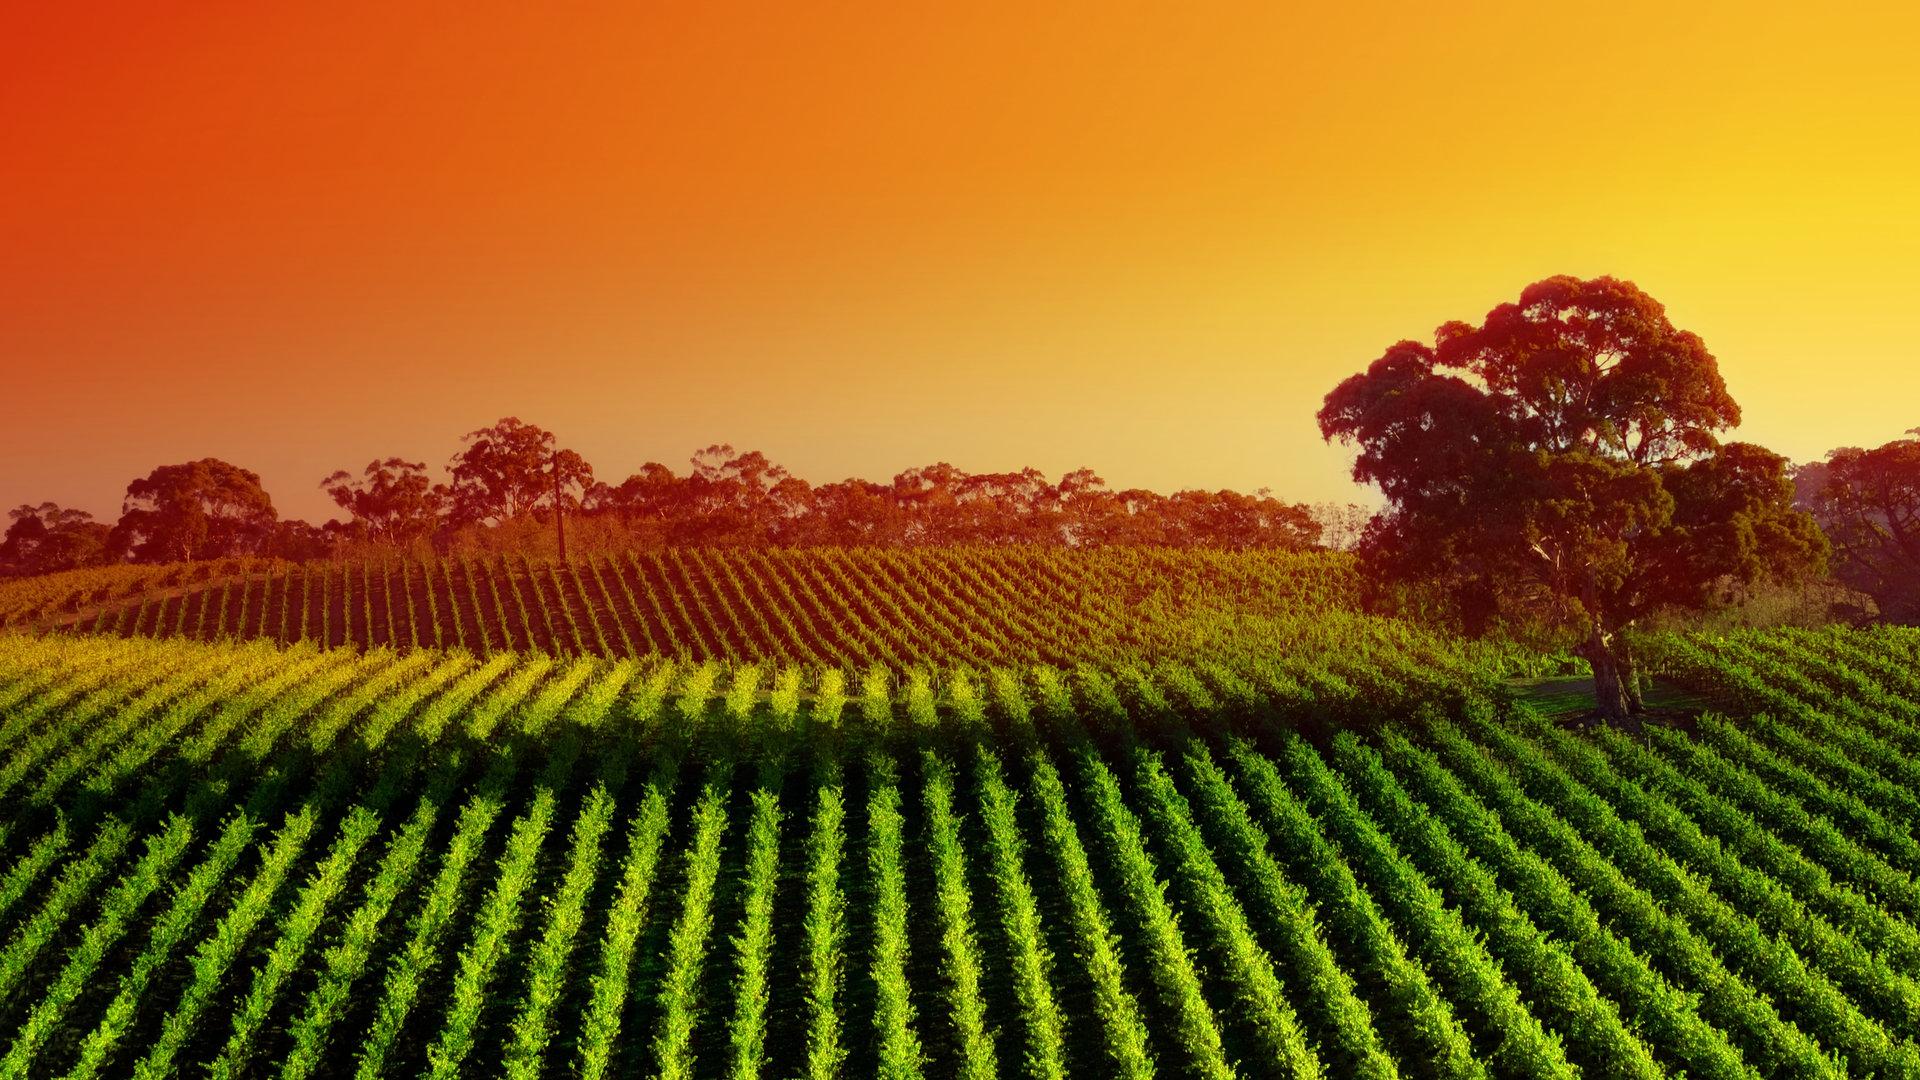 vineyard sunset widescreen wallpaper